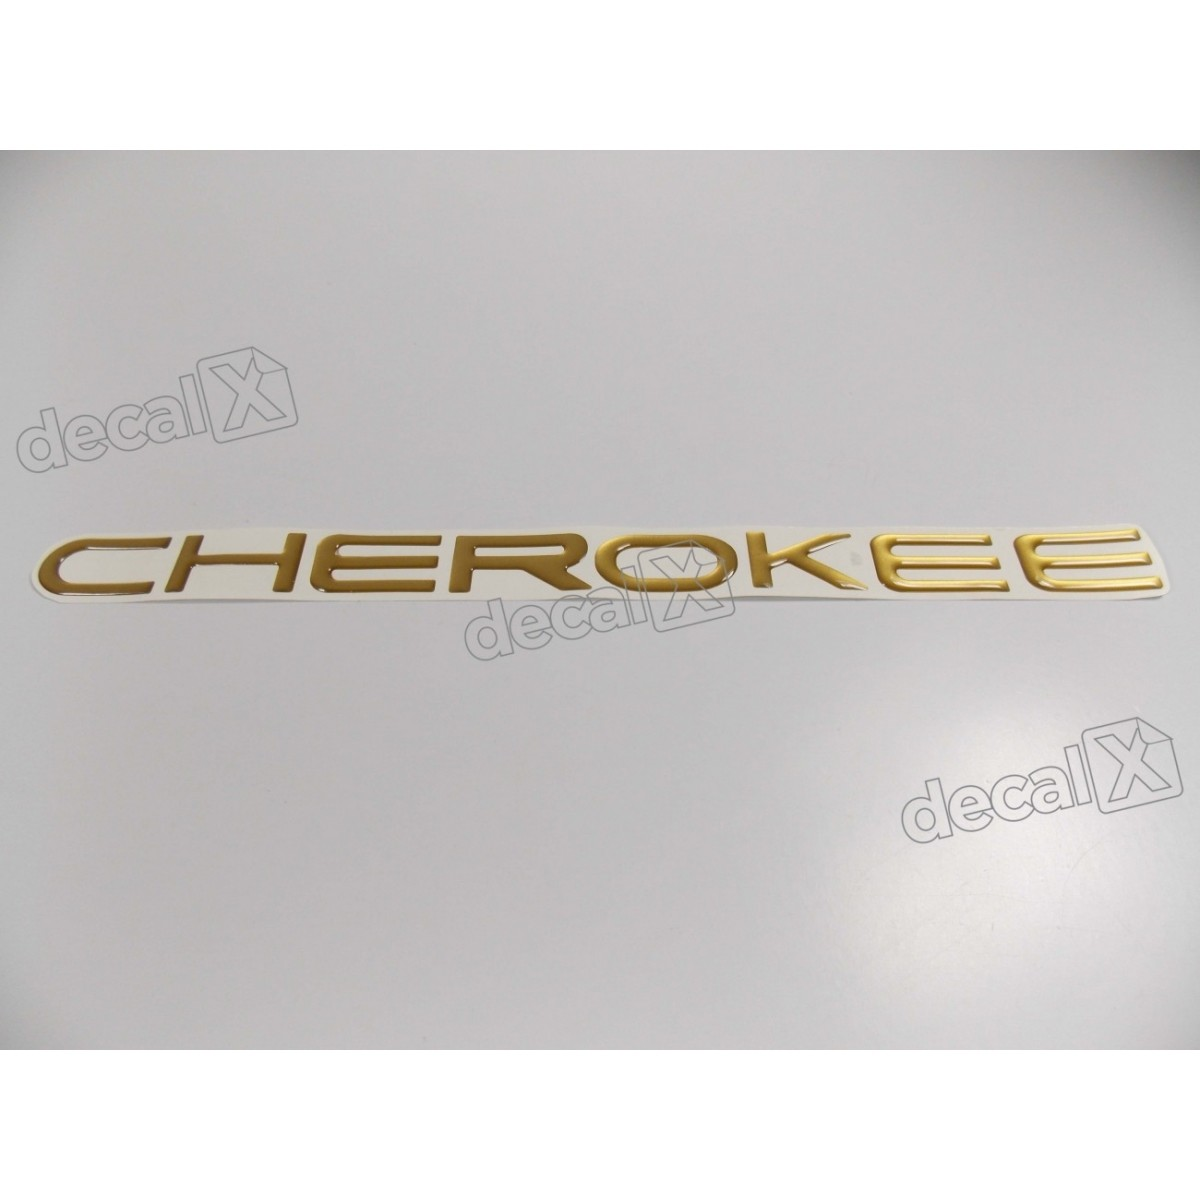 Emblema Adesivo Resinado Cherokee Dourado - Decalx